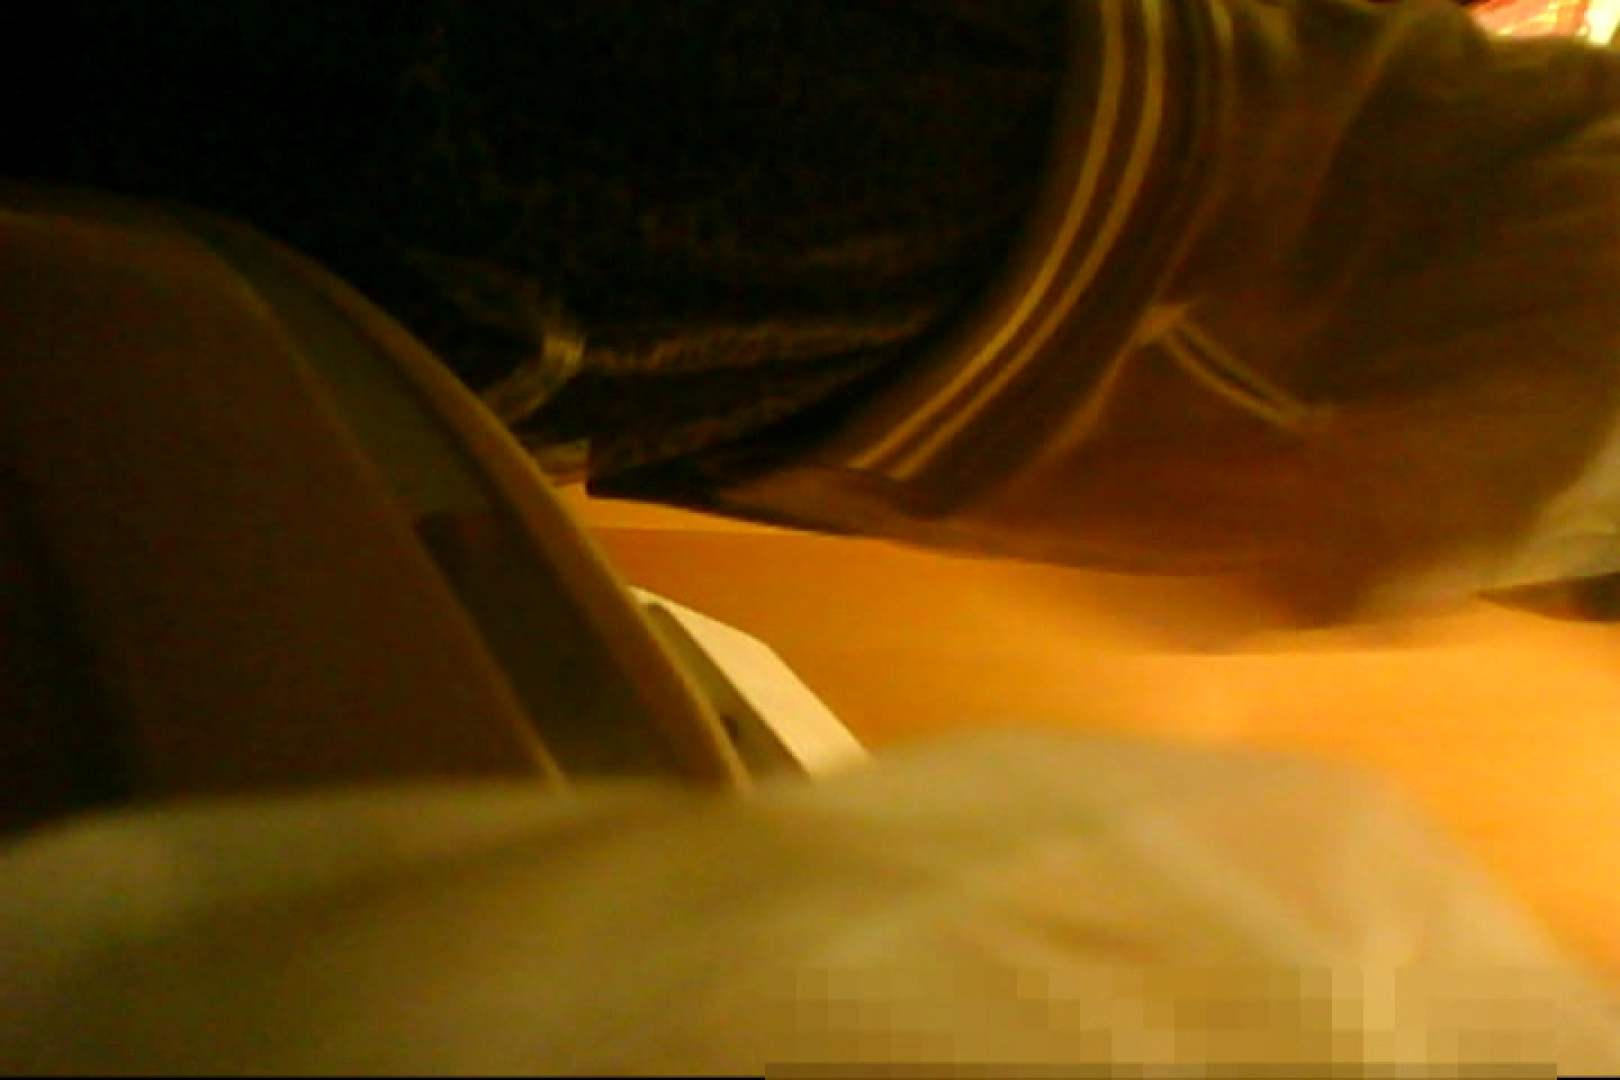 魅惑の化粧室~禁断のプライベート空間~vol.9 ぽっちゃり オマンコ無修正動画無料 56pic 27